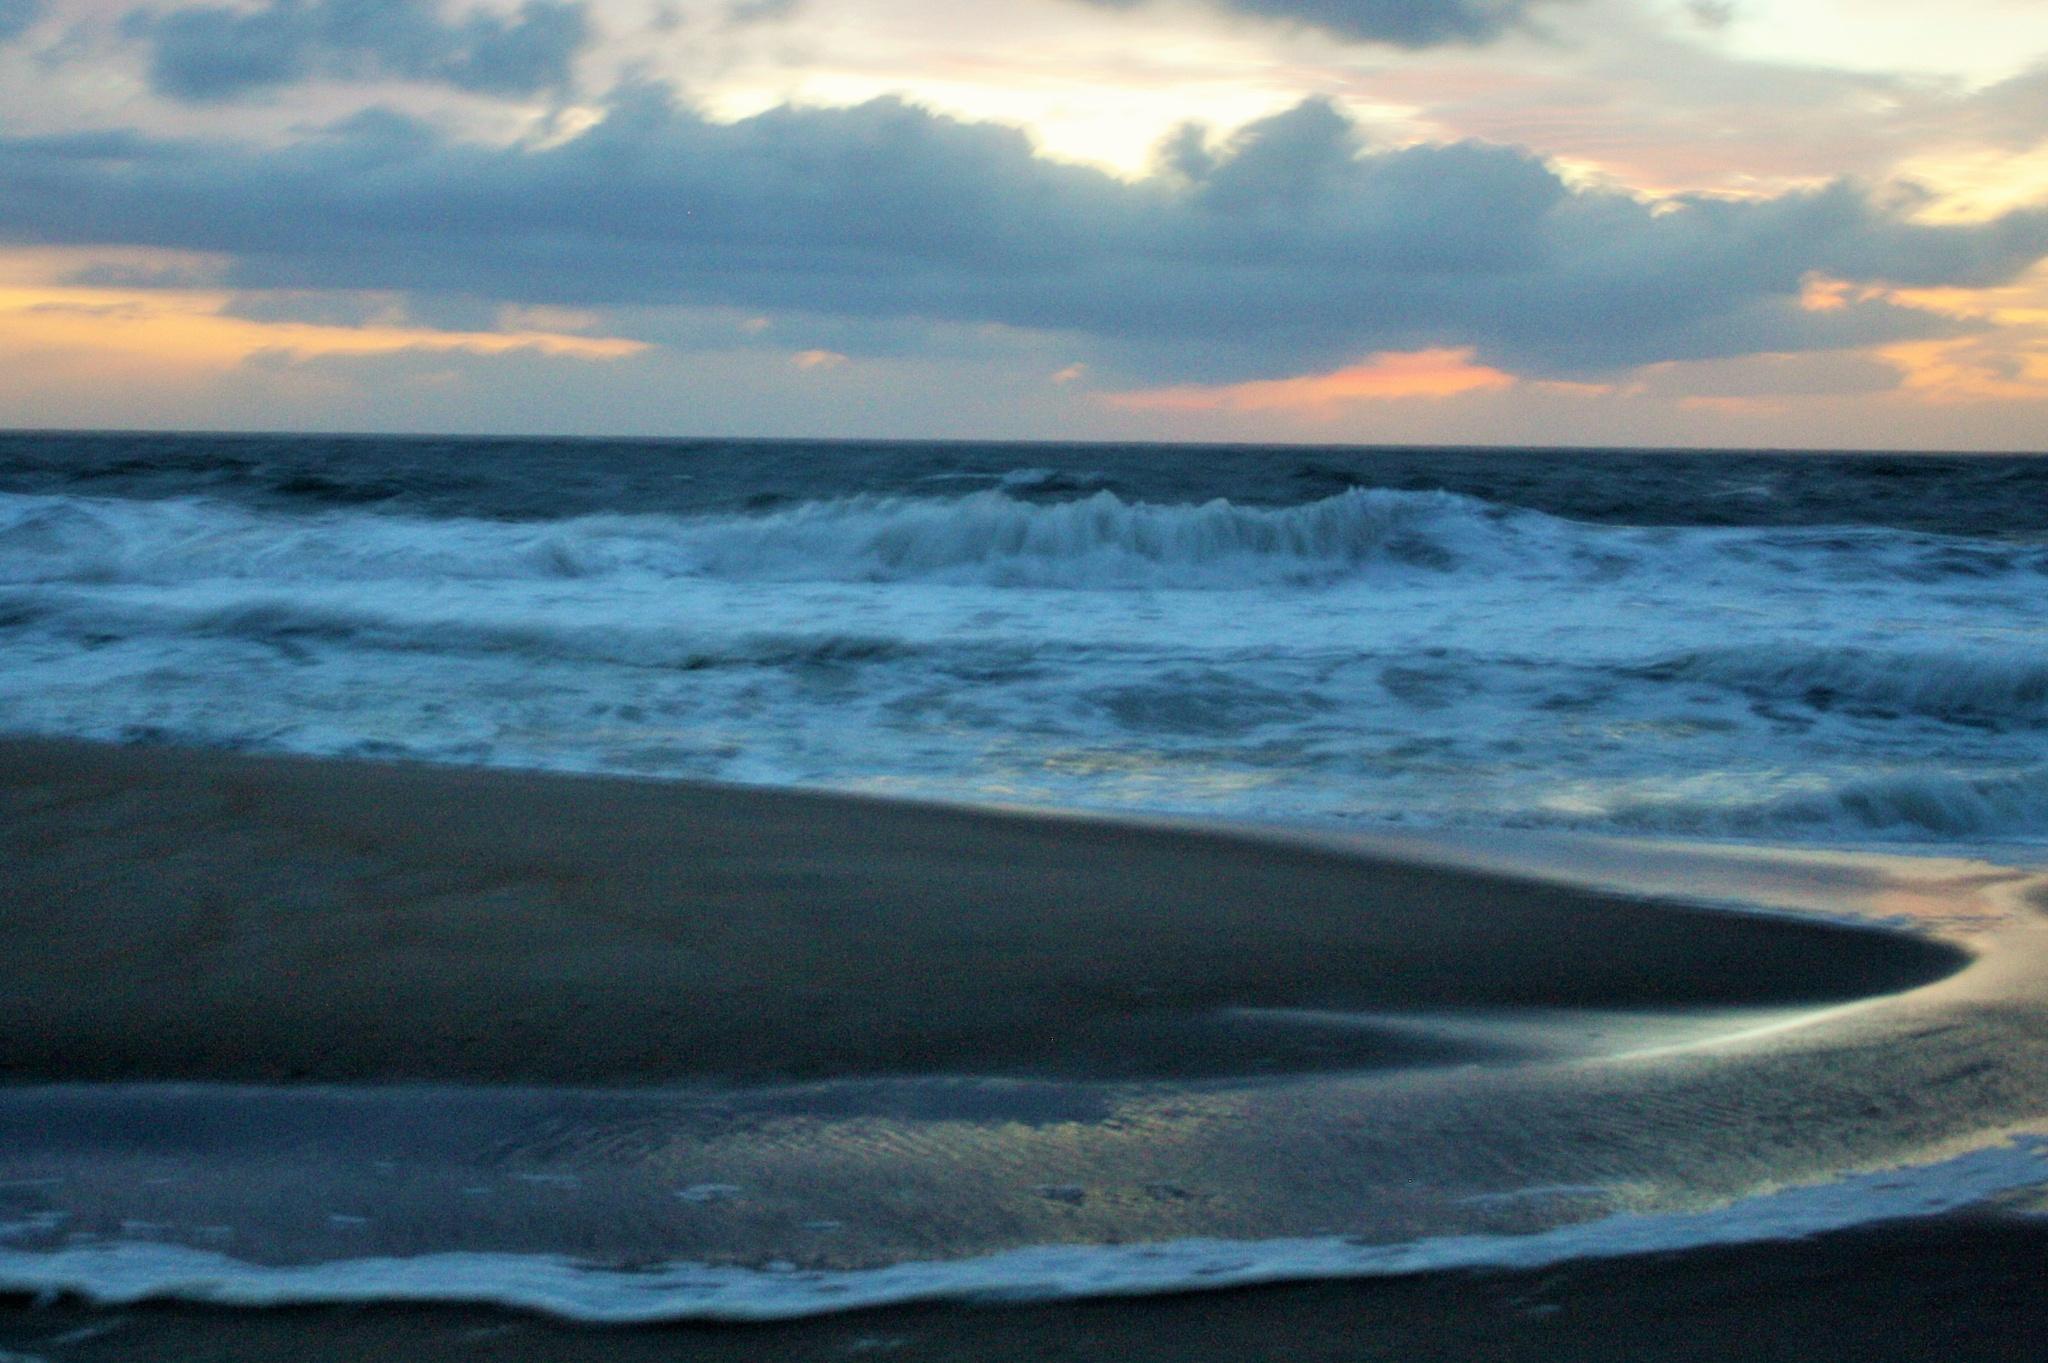 Morning Light by joann.kunkle